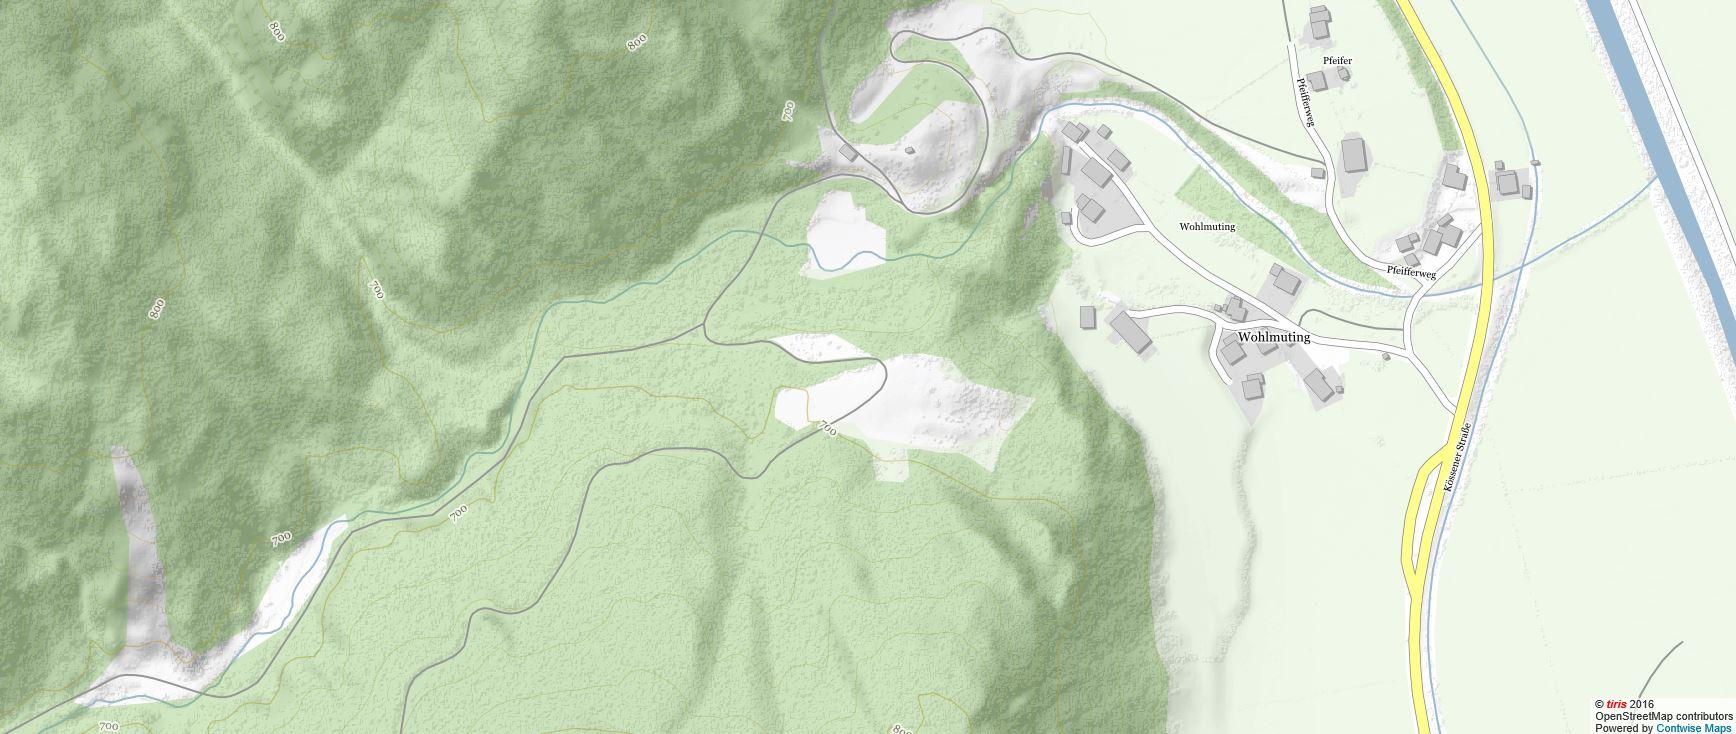 Taxabach Karte (c) tiris